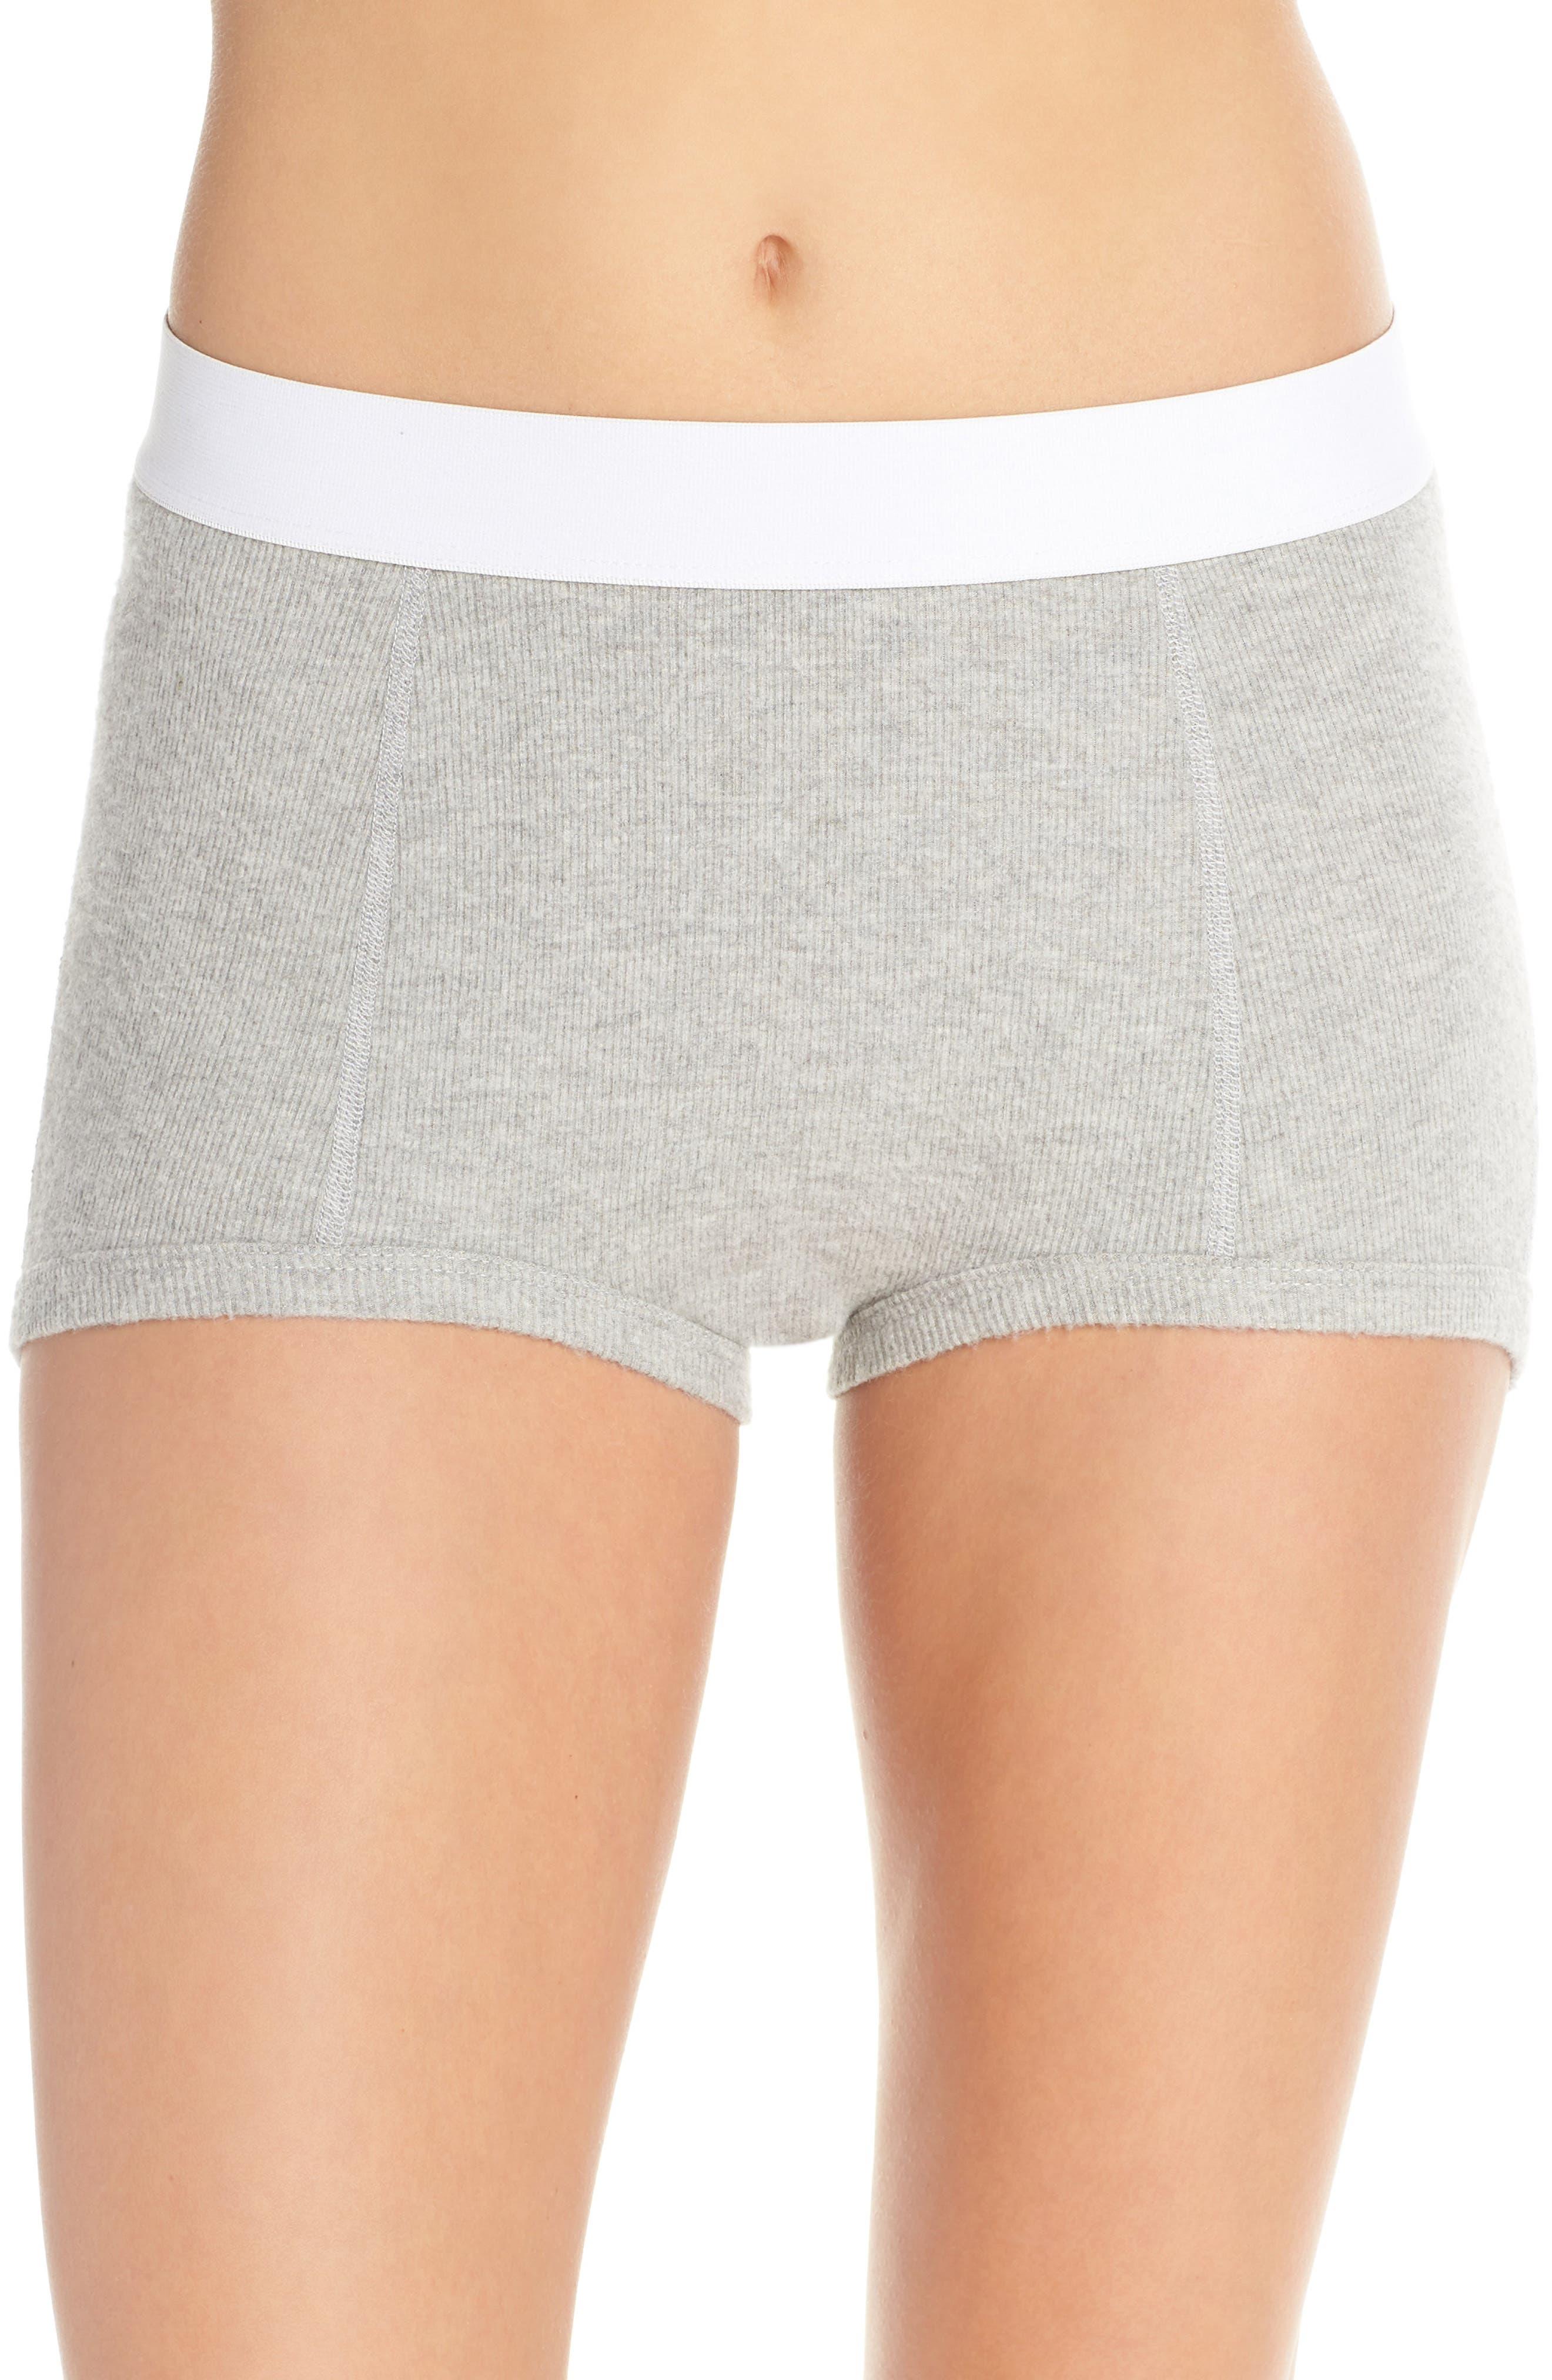 Peony Shorts,                             Main thumbnail 1, color,                             021